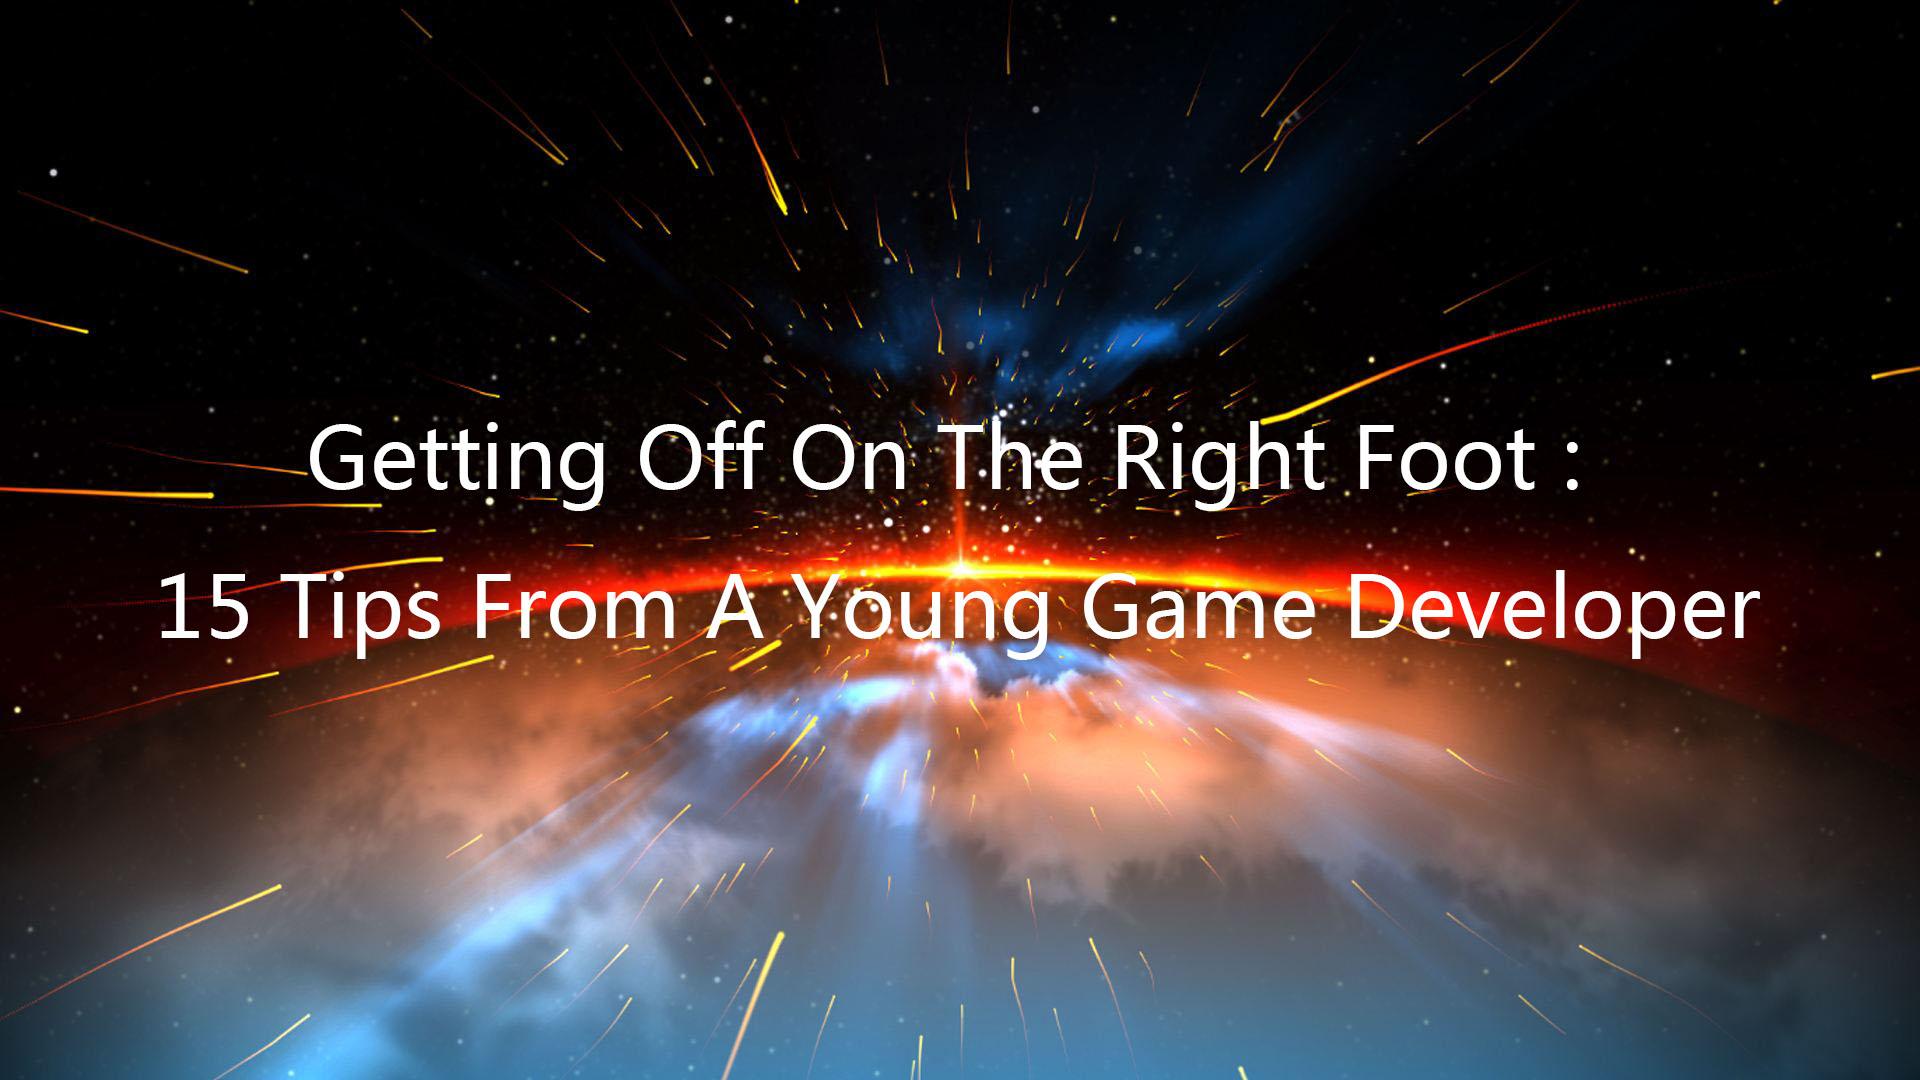 来自年轻游戏开发者的15条建议(三)